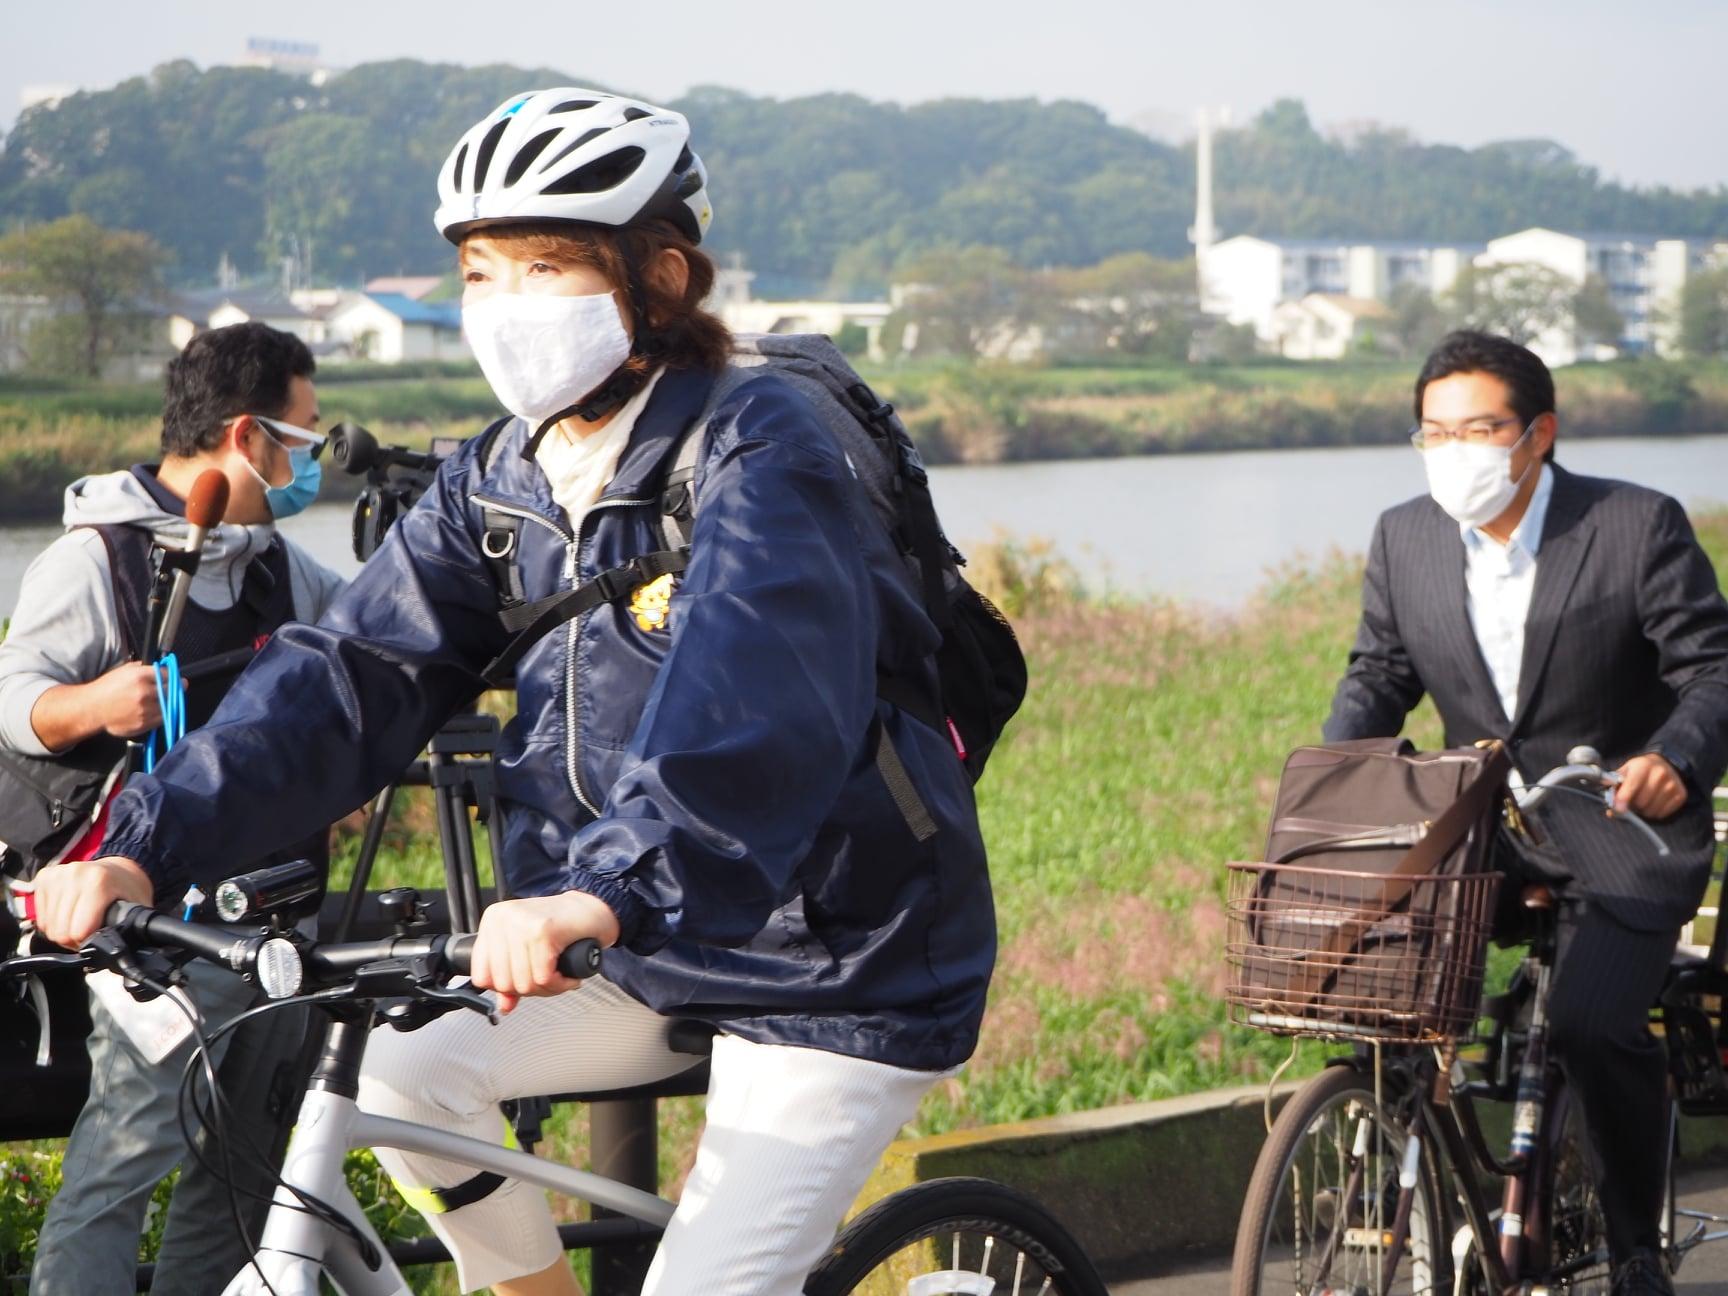 通勤は自転車で!page-visual 通勤は自転車で!ビジュアル